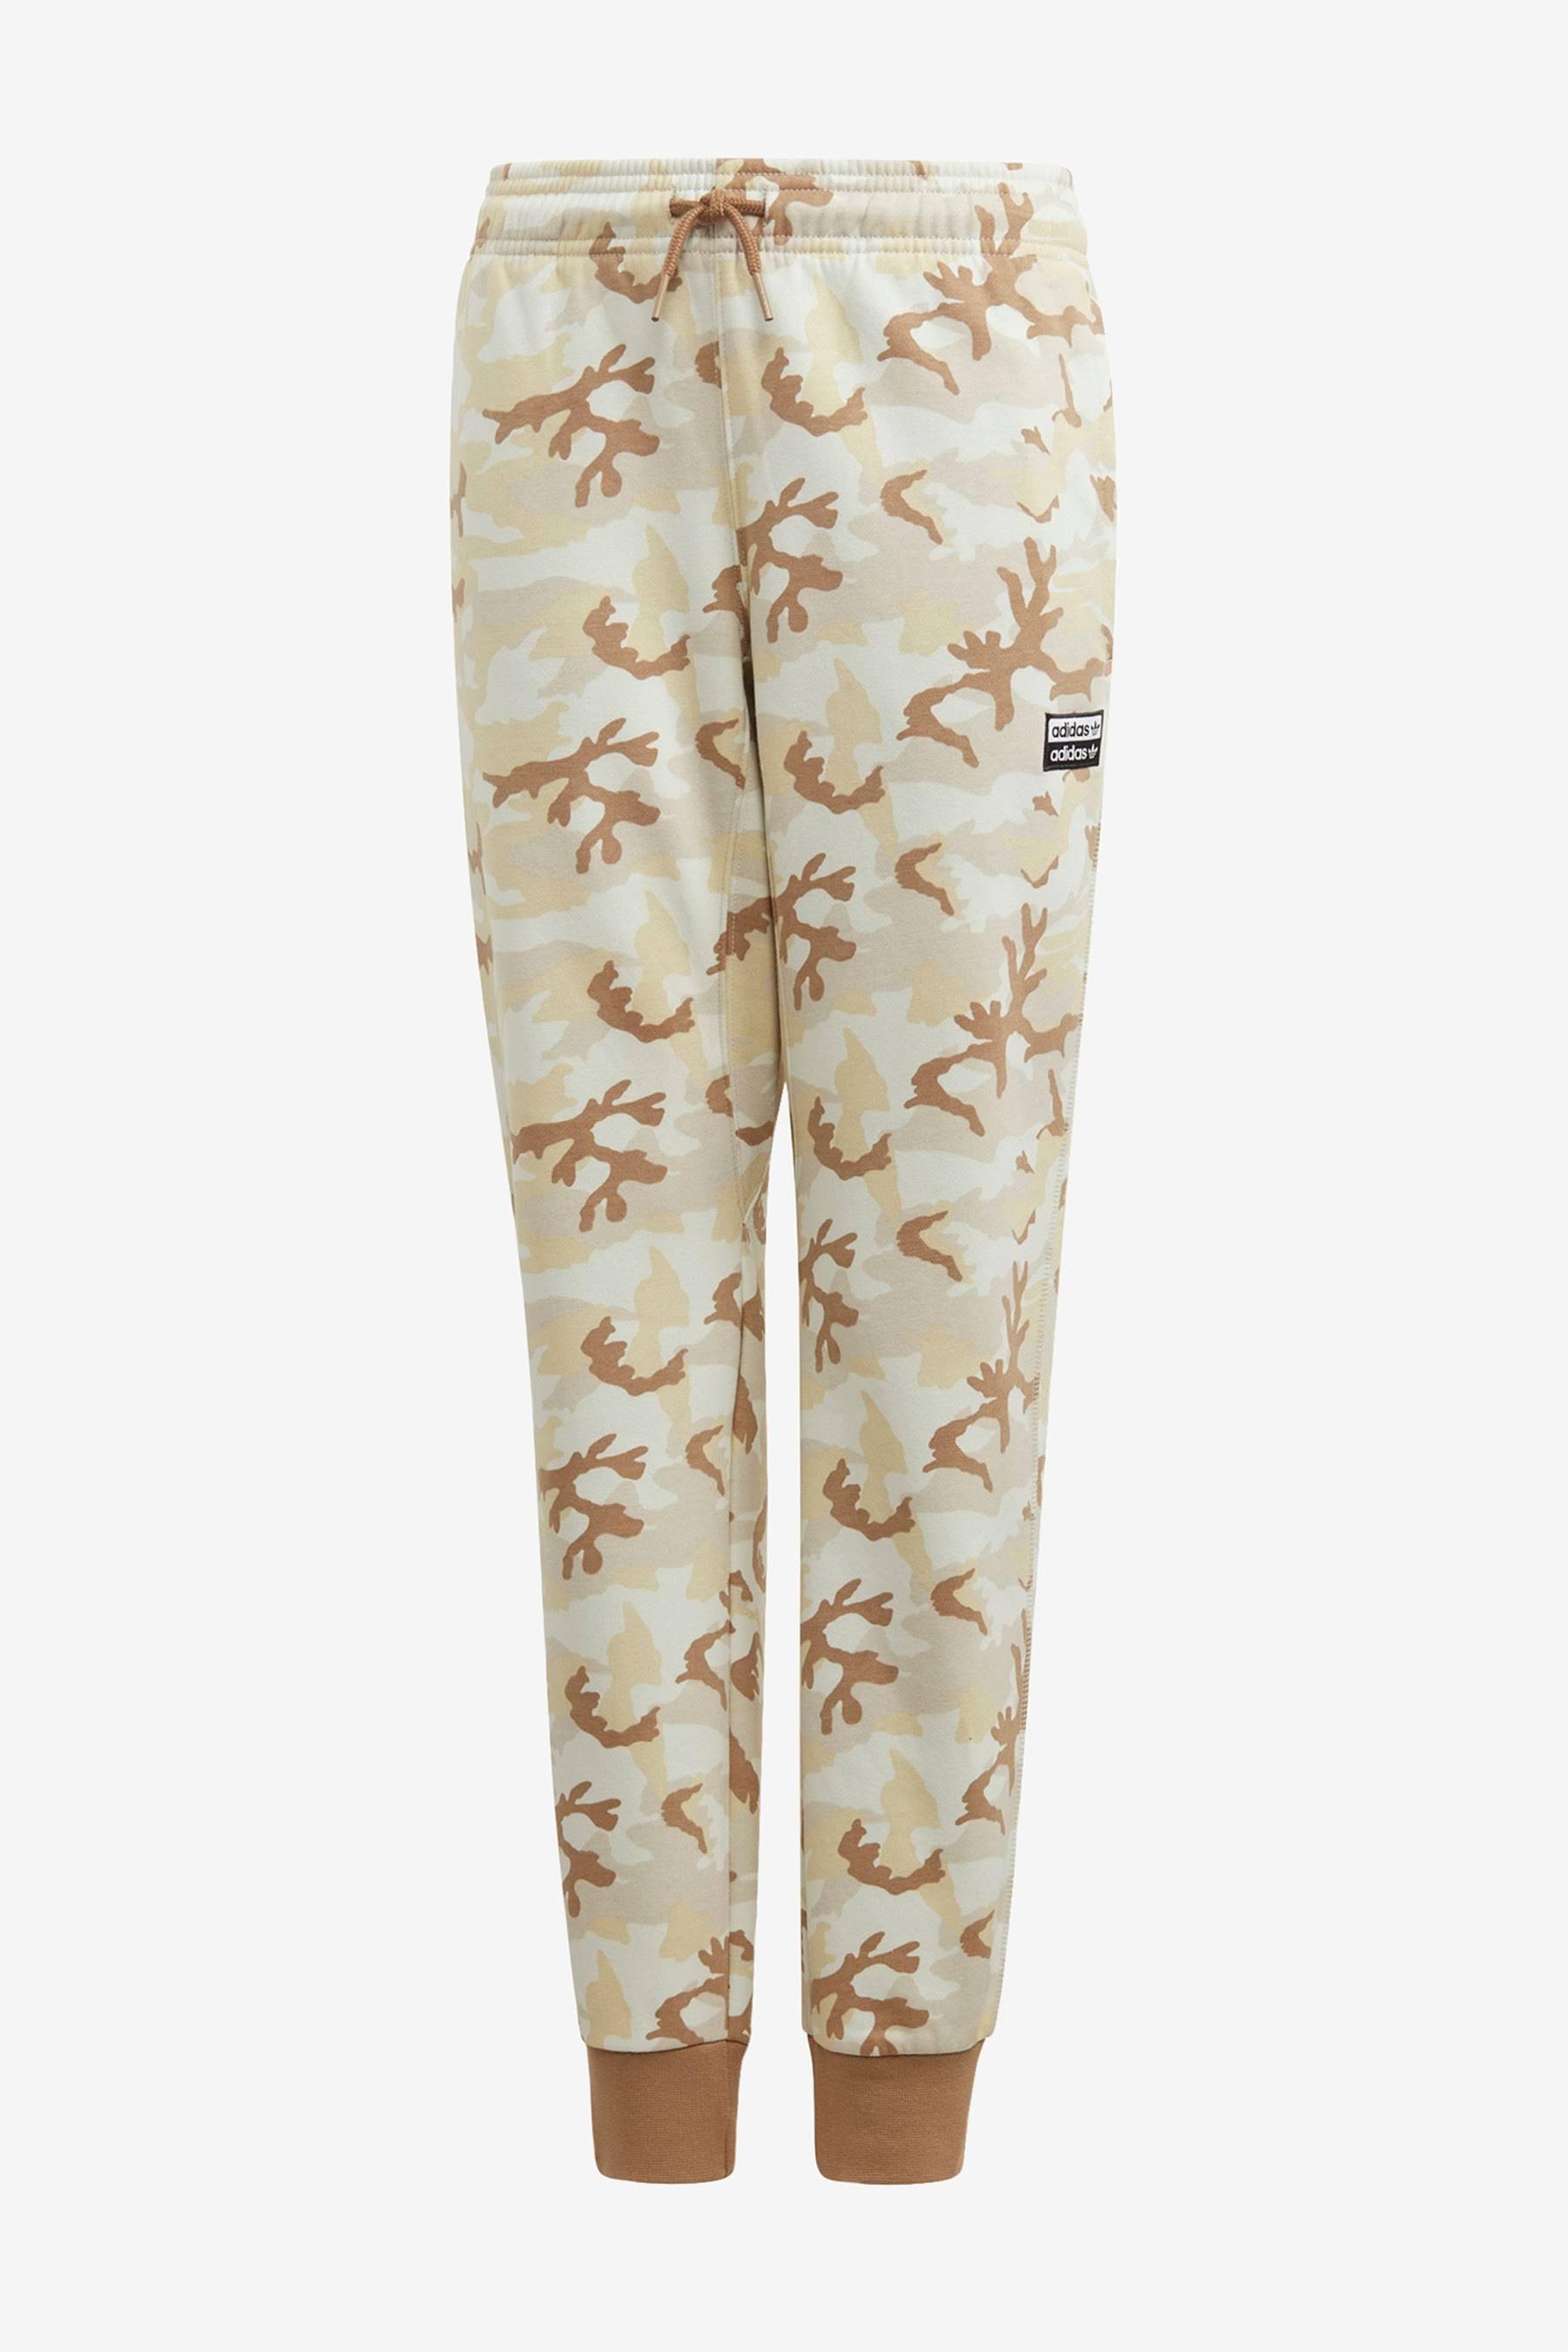 Adidas Originals R.Y.V. Camouflage Joggers - Multicolor